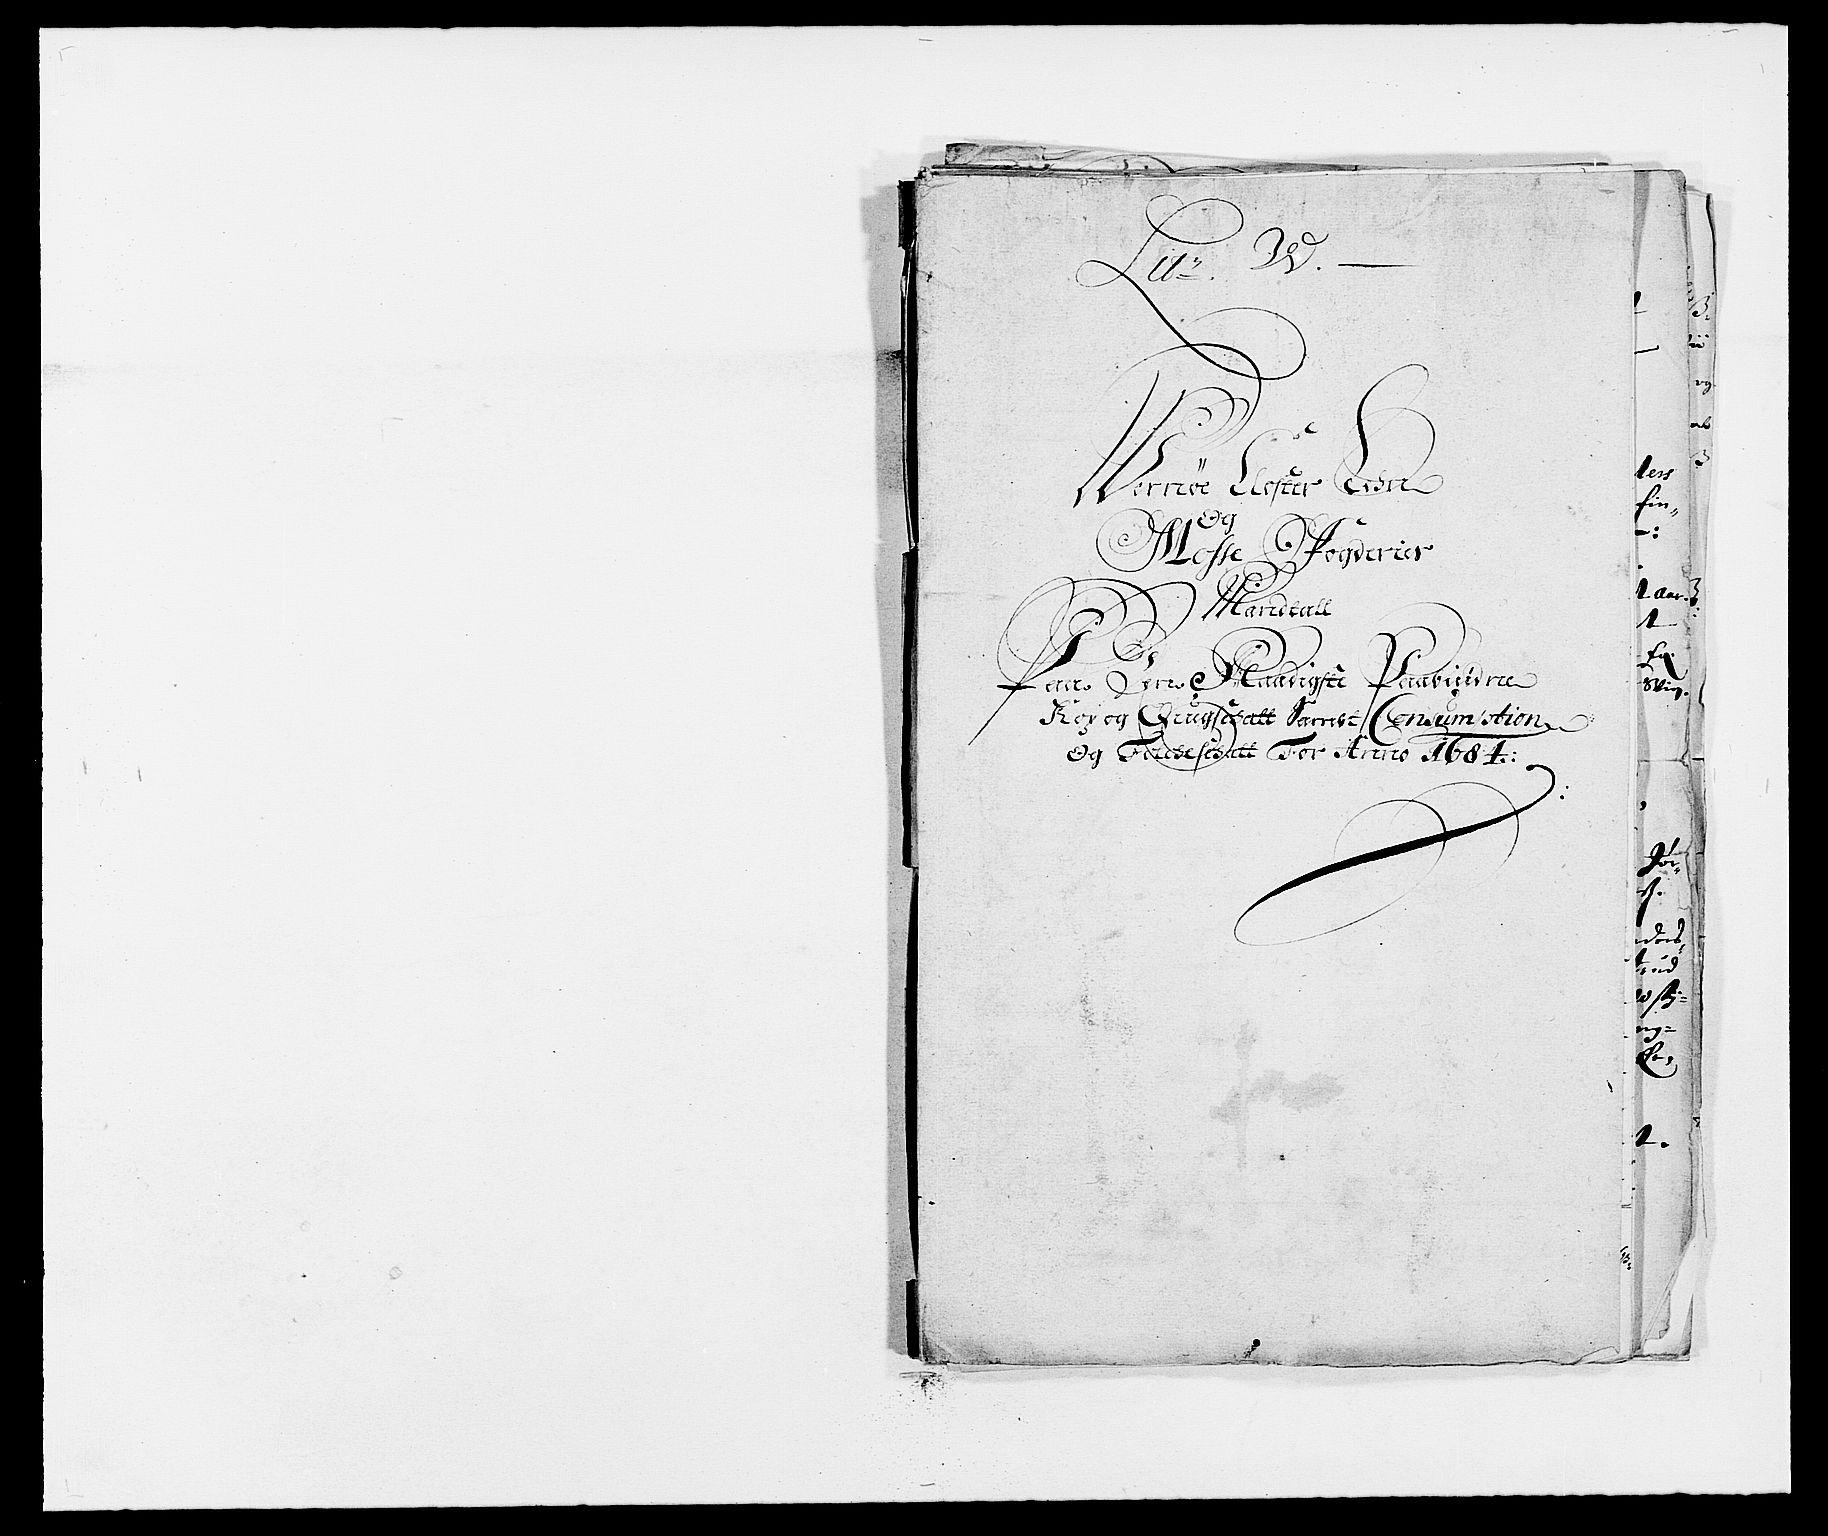 RA, Rentekammeret inntil 1814, Reviderte regnskaper, Fogderegnskap, R02/L0103: Fogderegnskap Moss og Verne kloster, 1682-1684, s. 519